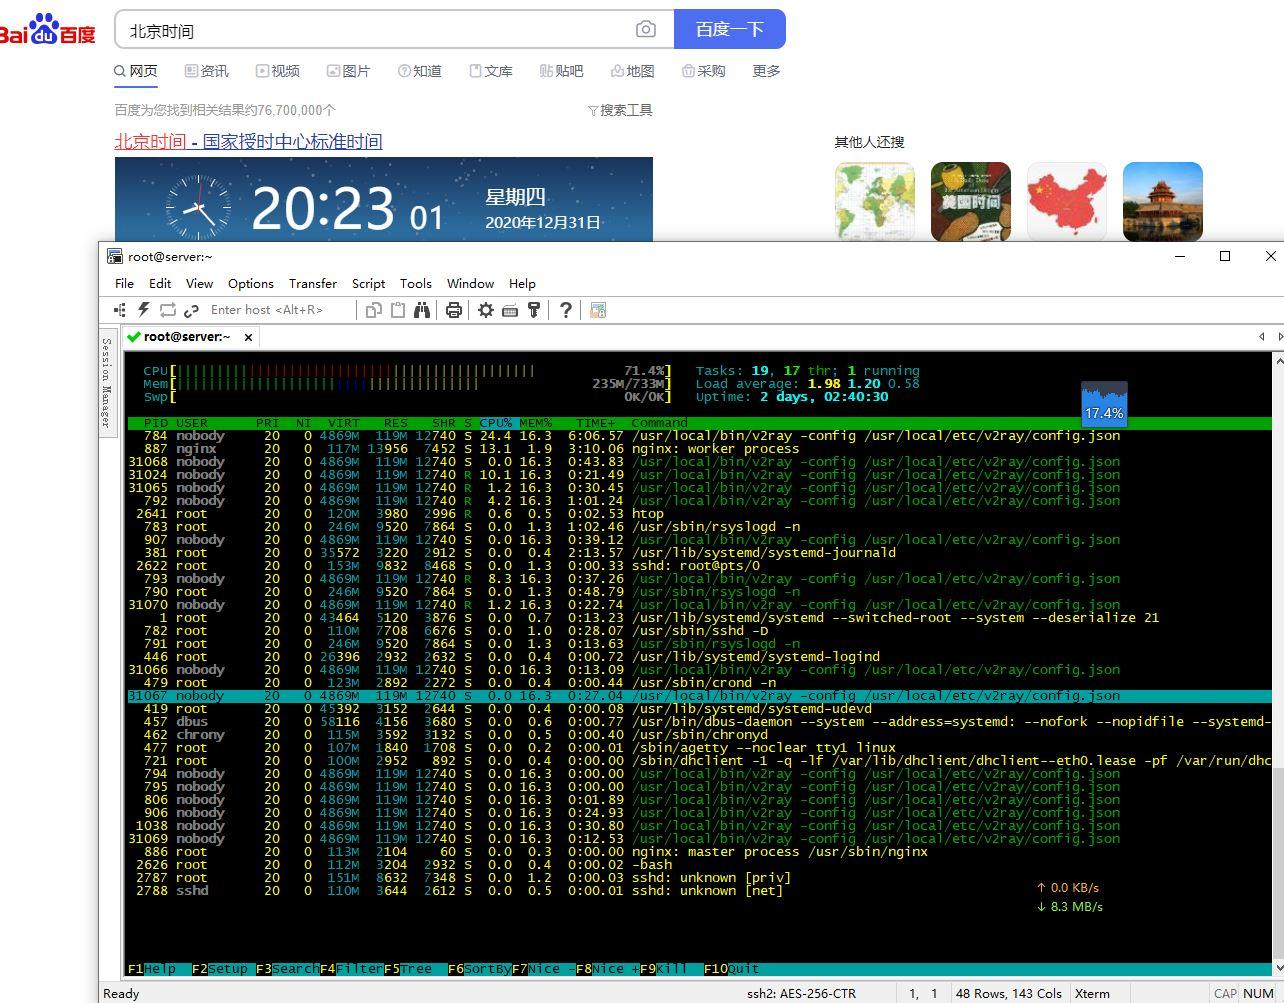 CPU 很闲的时候 可以下点小东西!